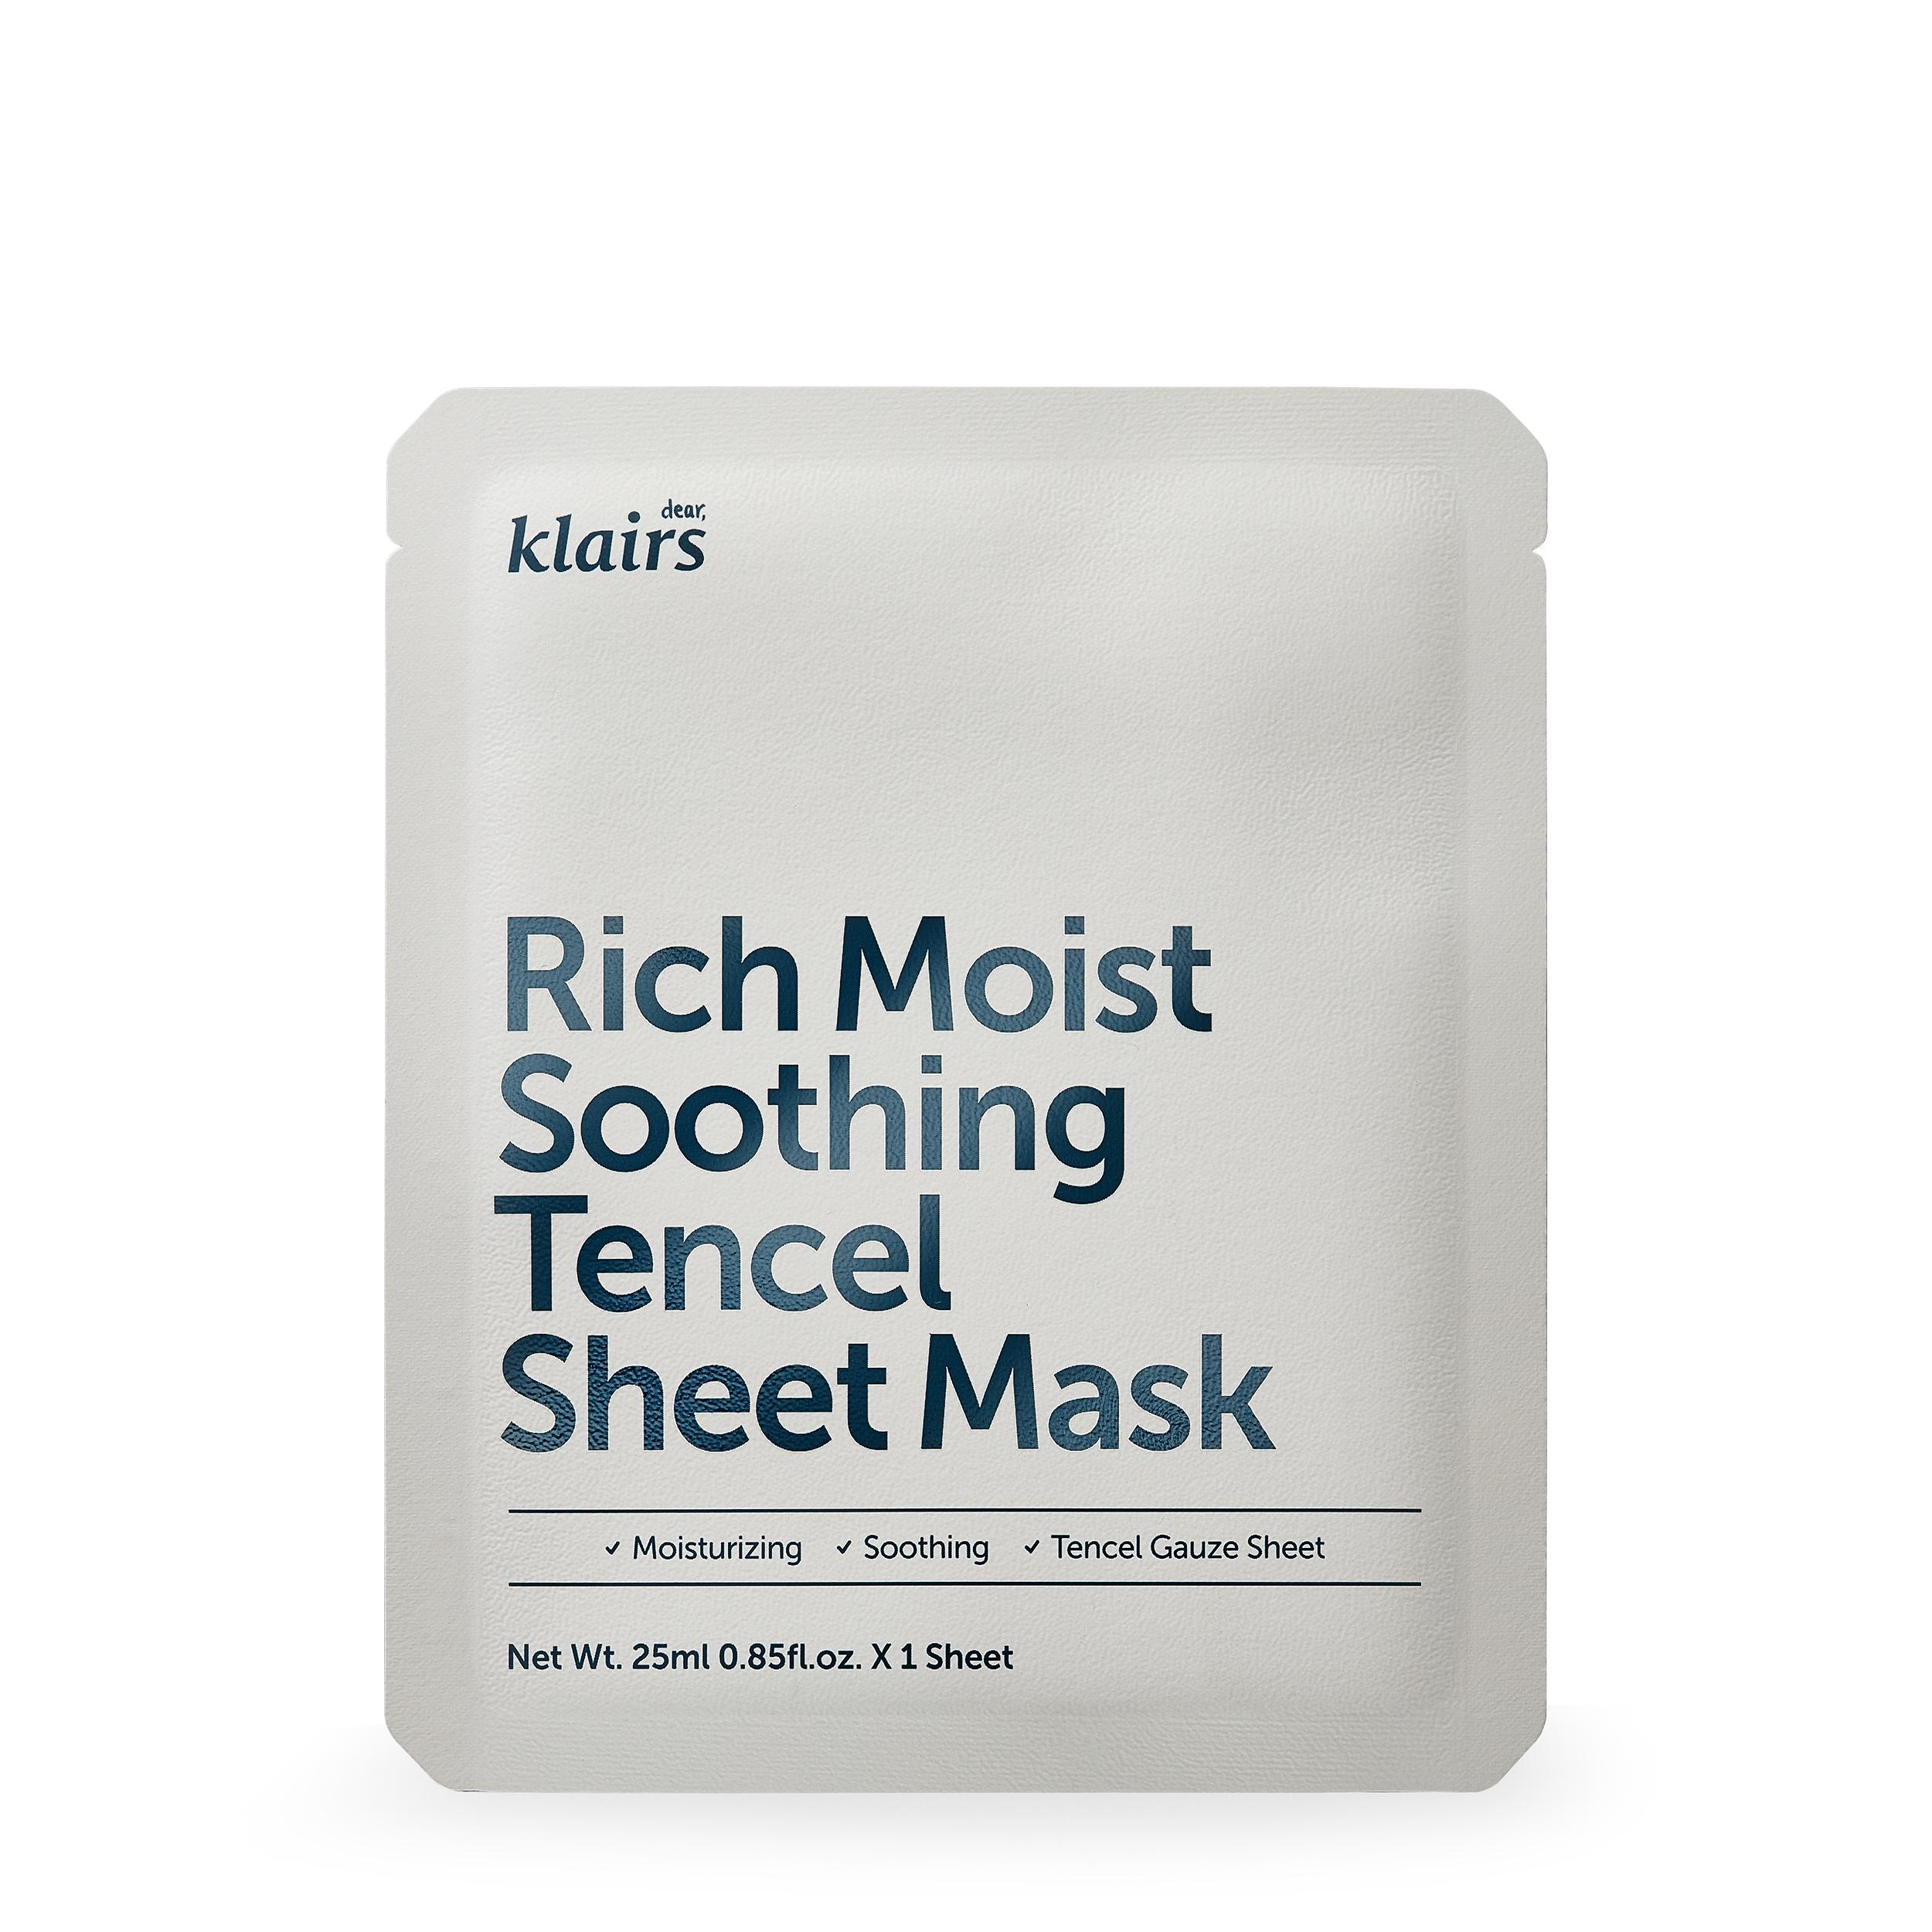 Dear, Klairs Маска успокаивающая на тканевой основе 25 мл фото